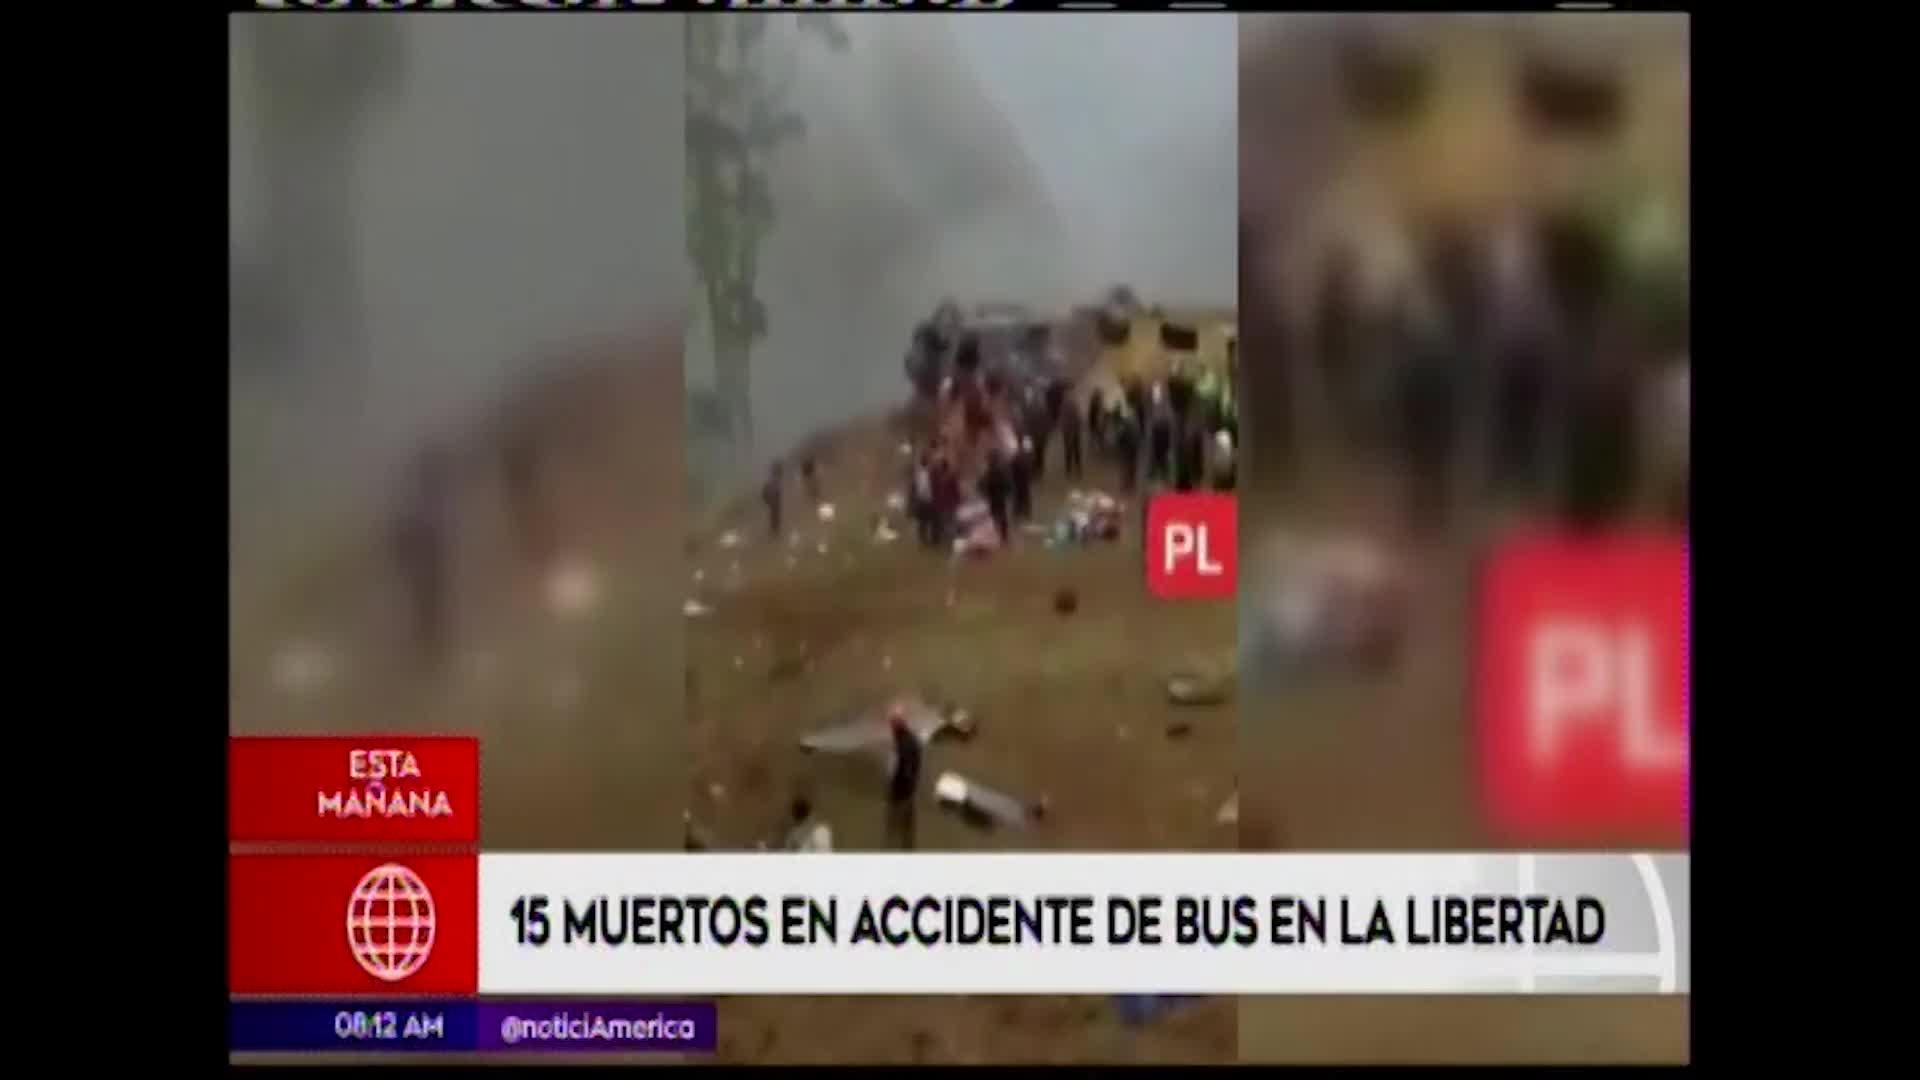 La Libertad: 15 muertos y varios heridos tras caída de bus a un abismo